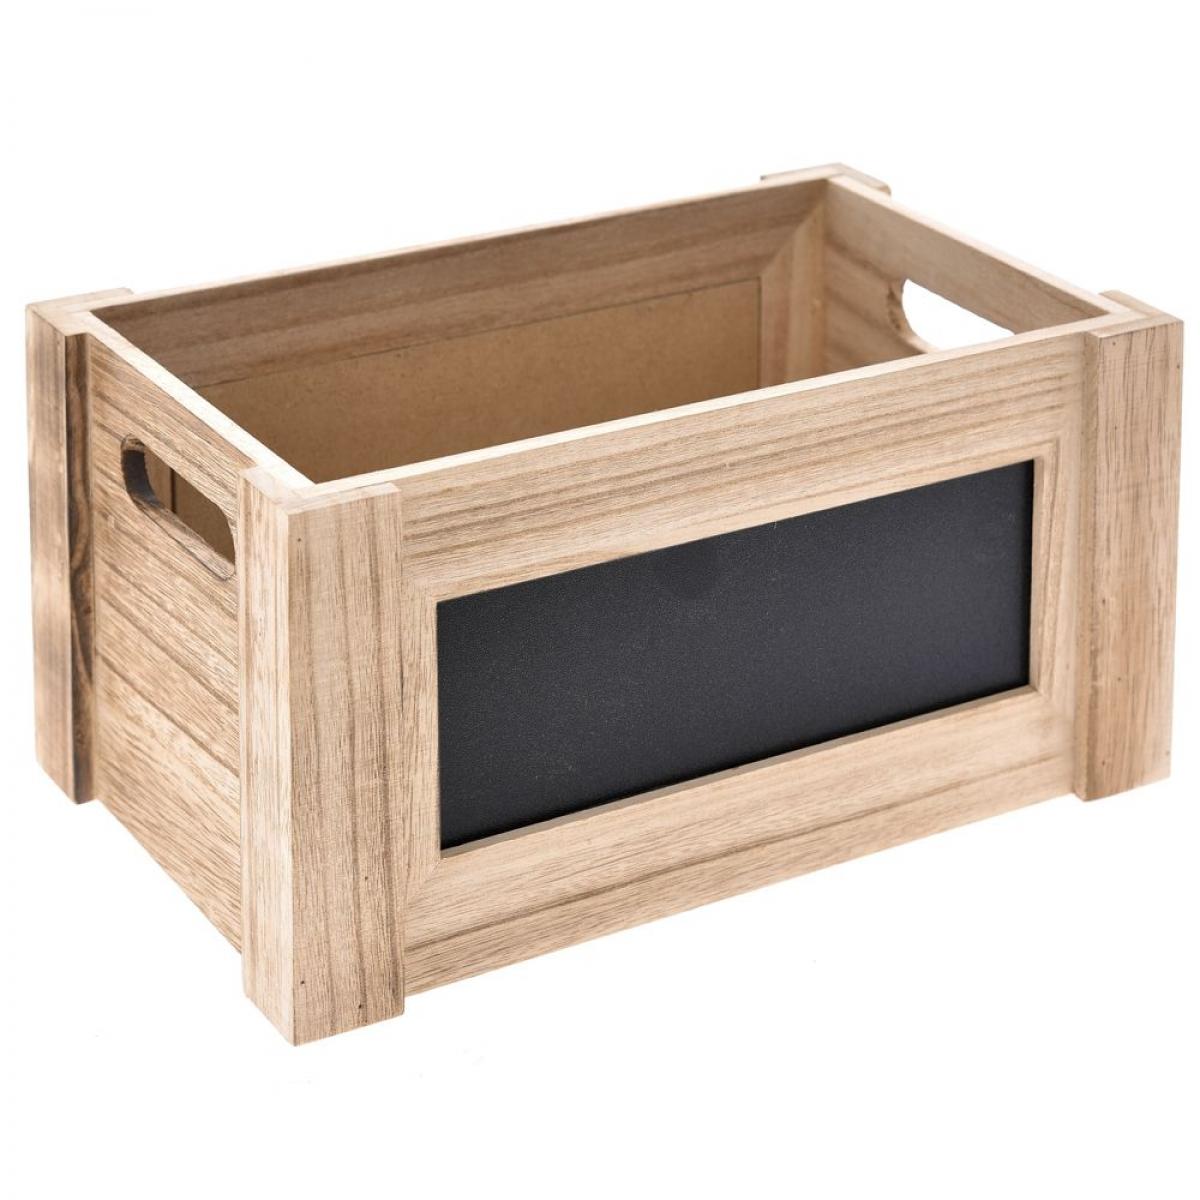 ξυλινο κουτι με μαυροπινακα